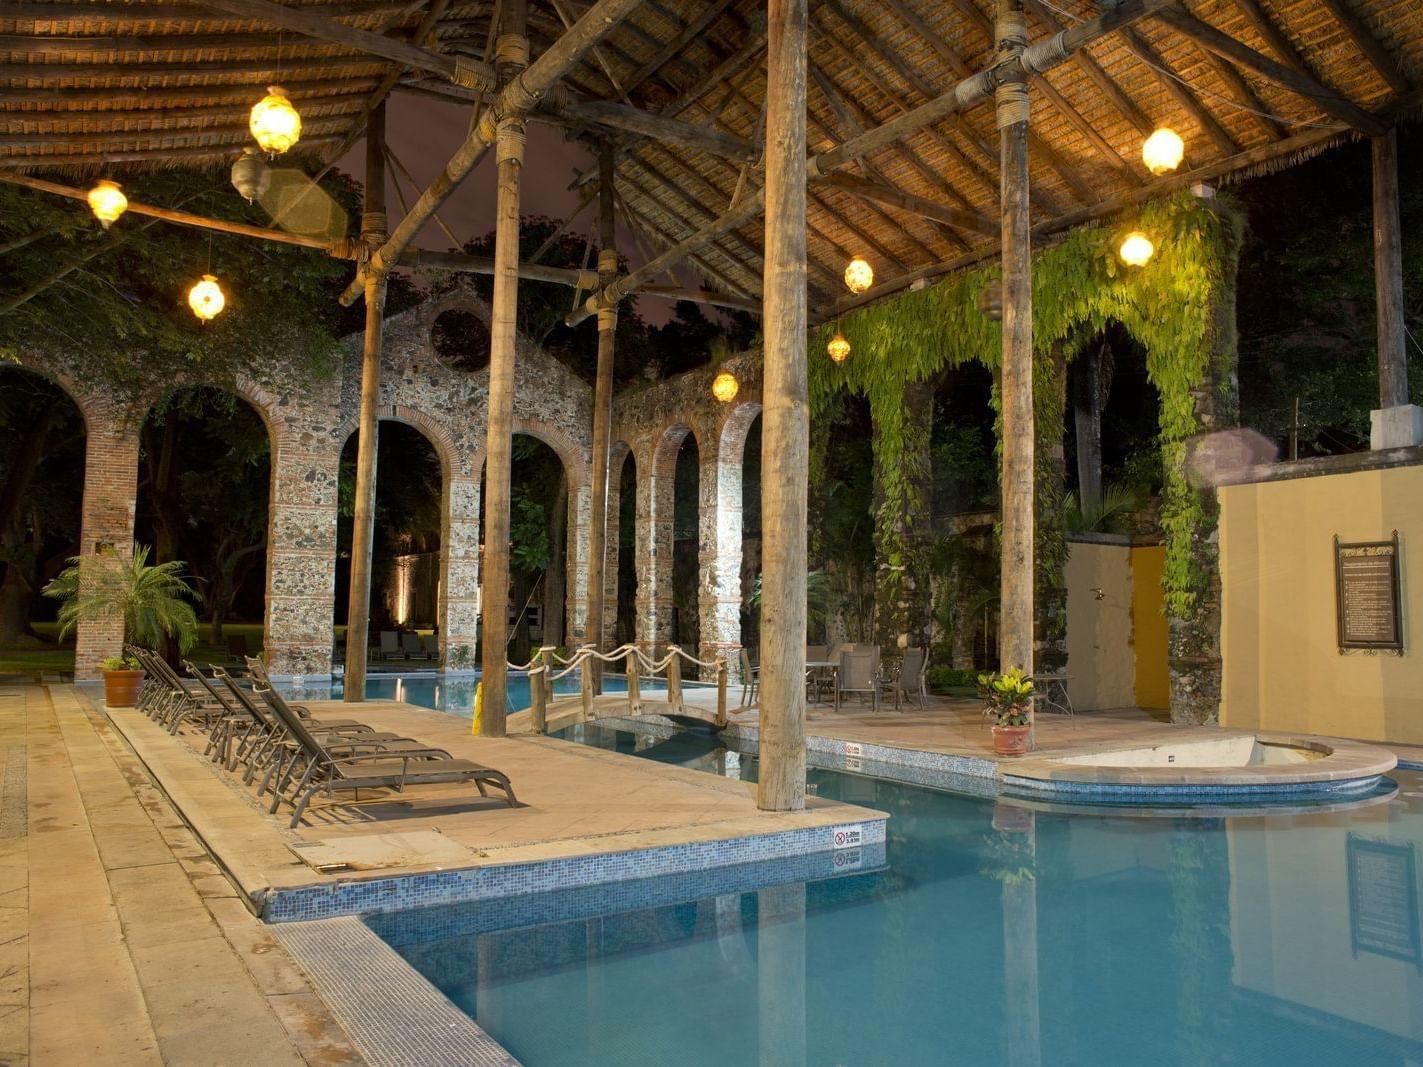 Bicnetenario Pool at Grand Fiesta Americana Resort